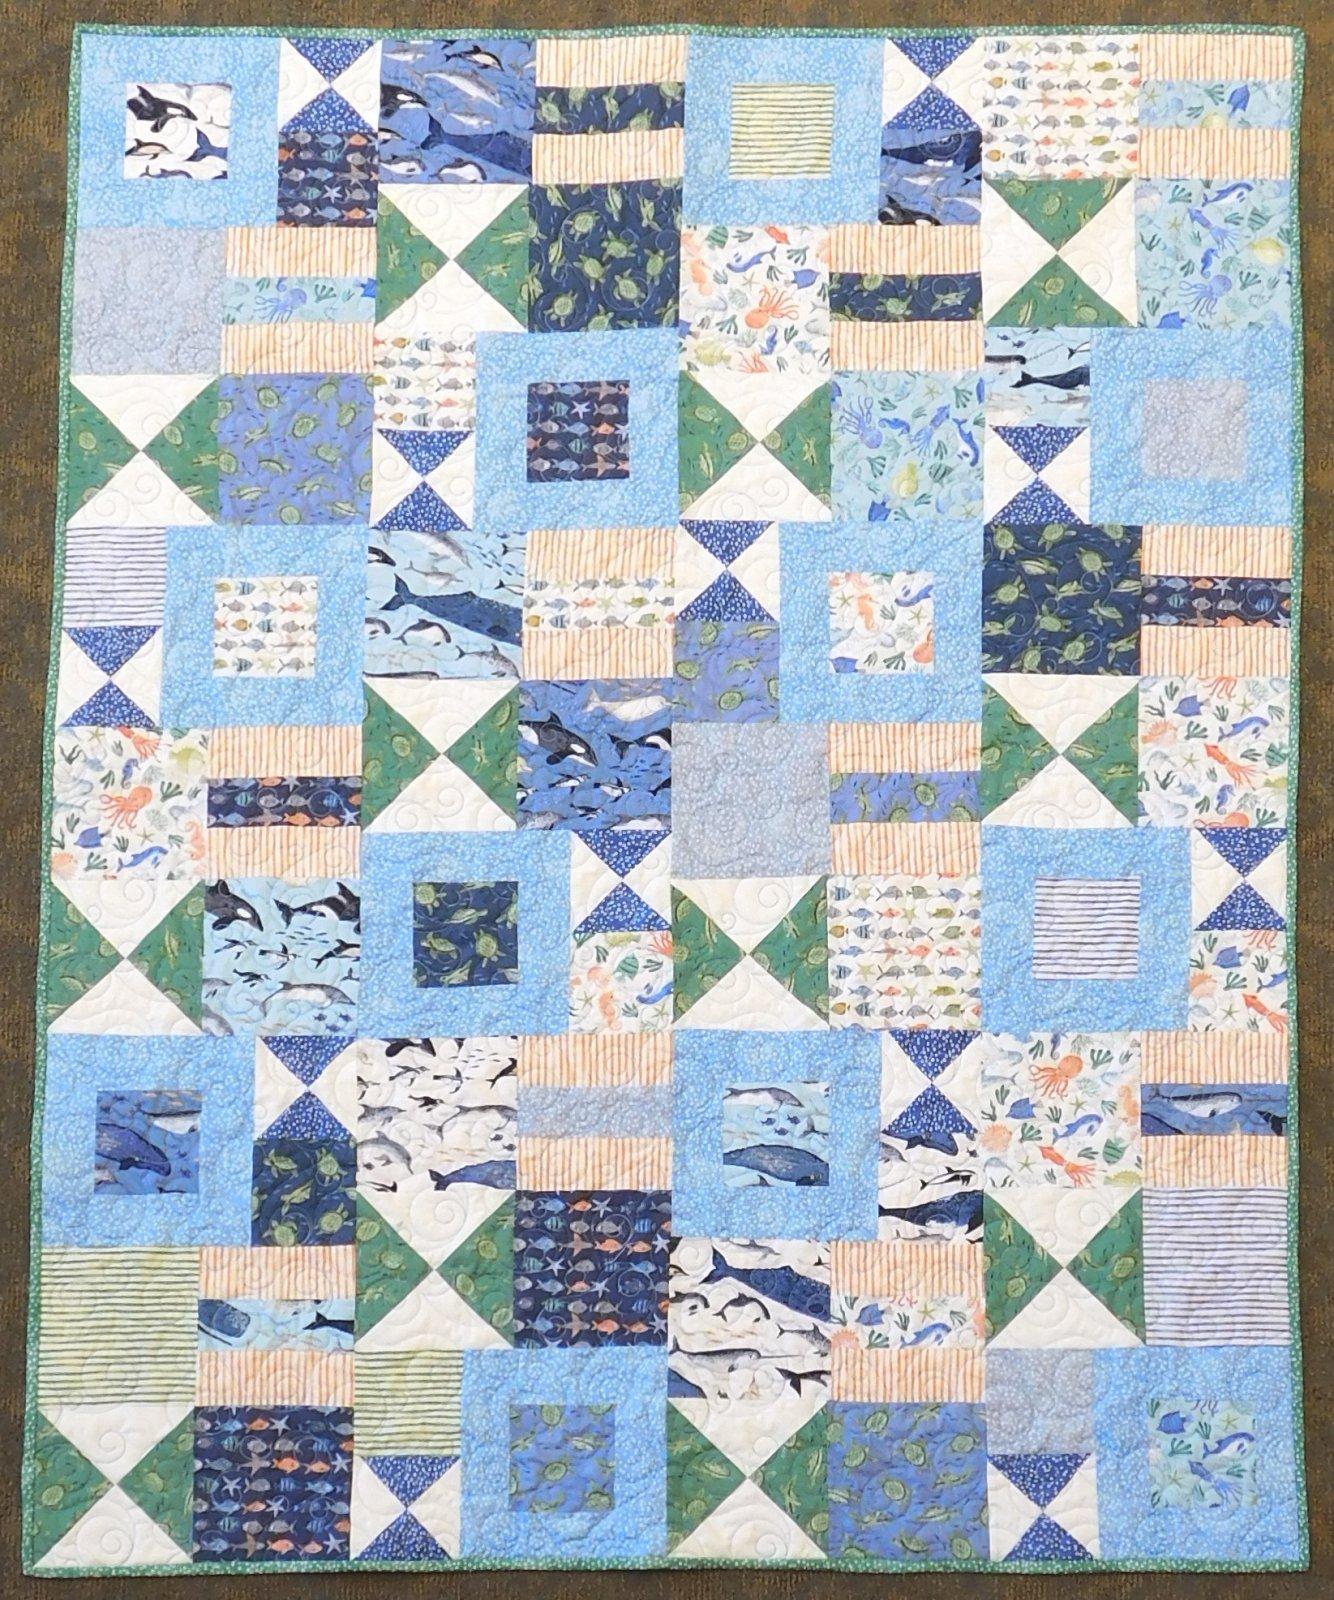 Oceans Away Quilt Kit - 48 x 60